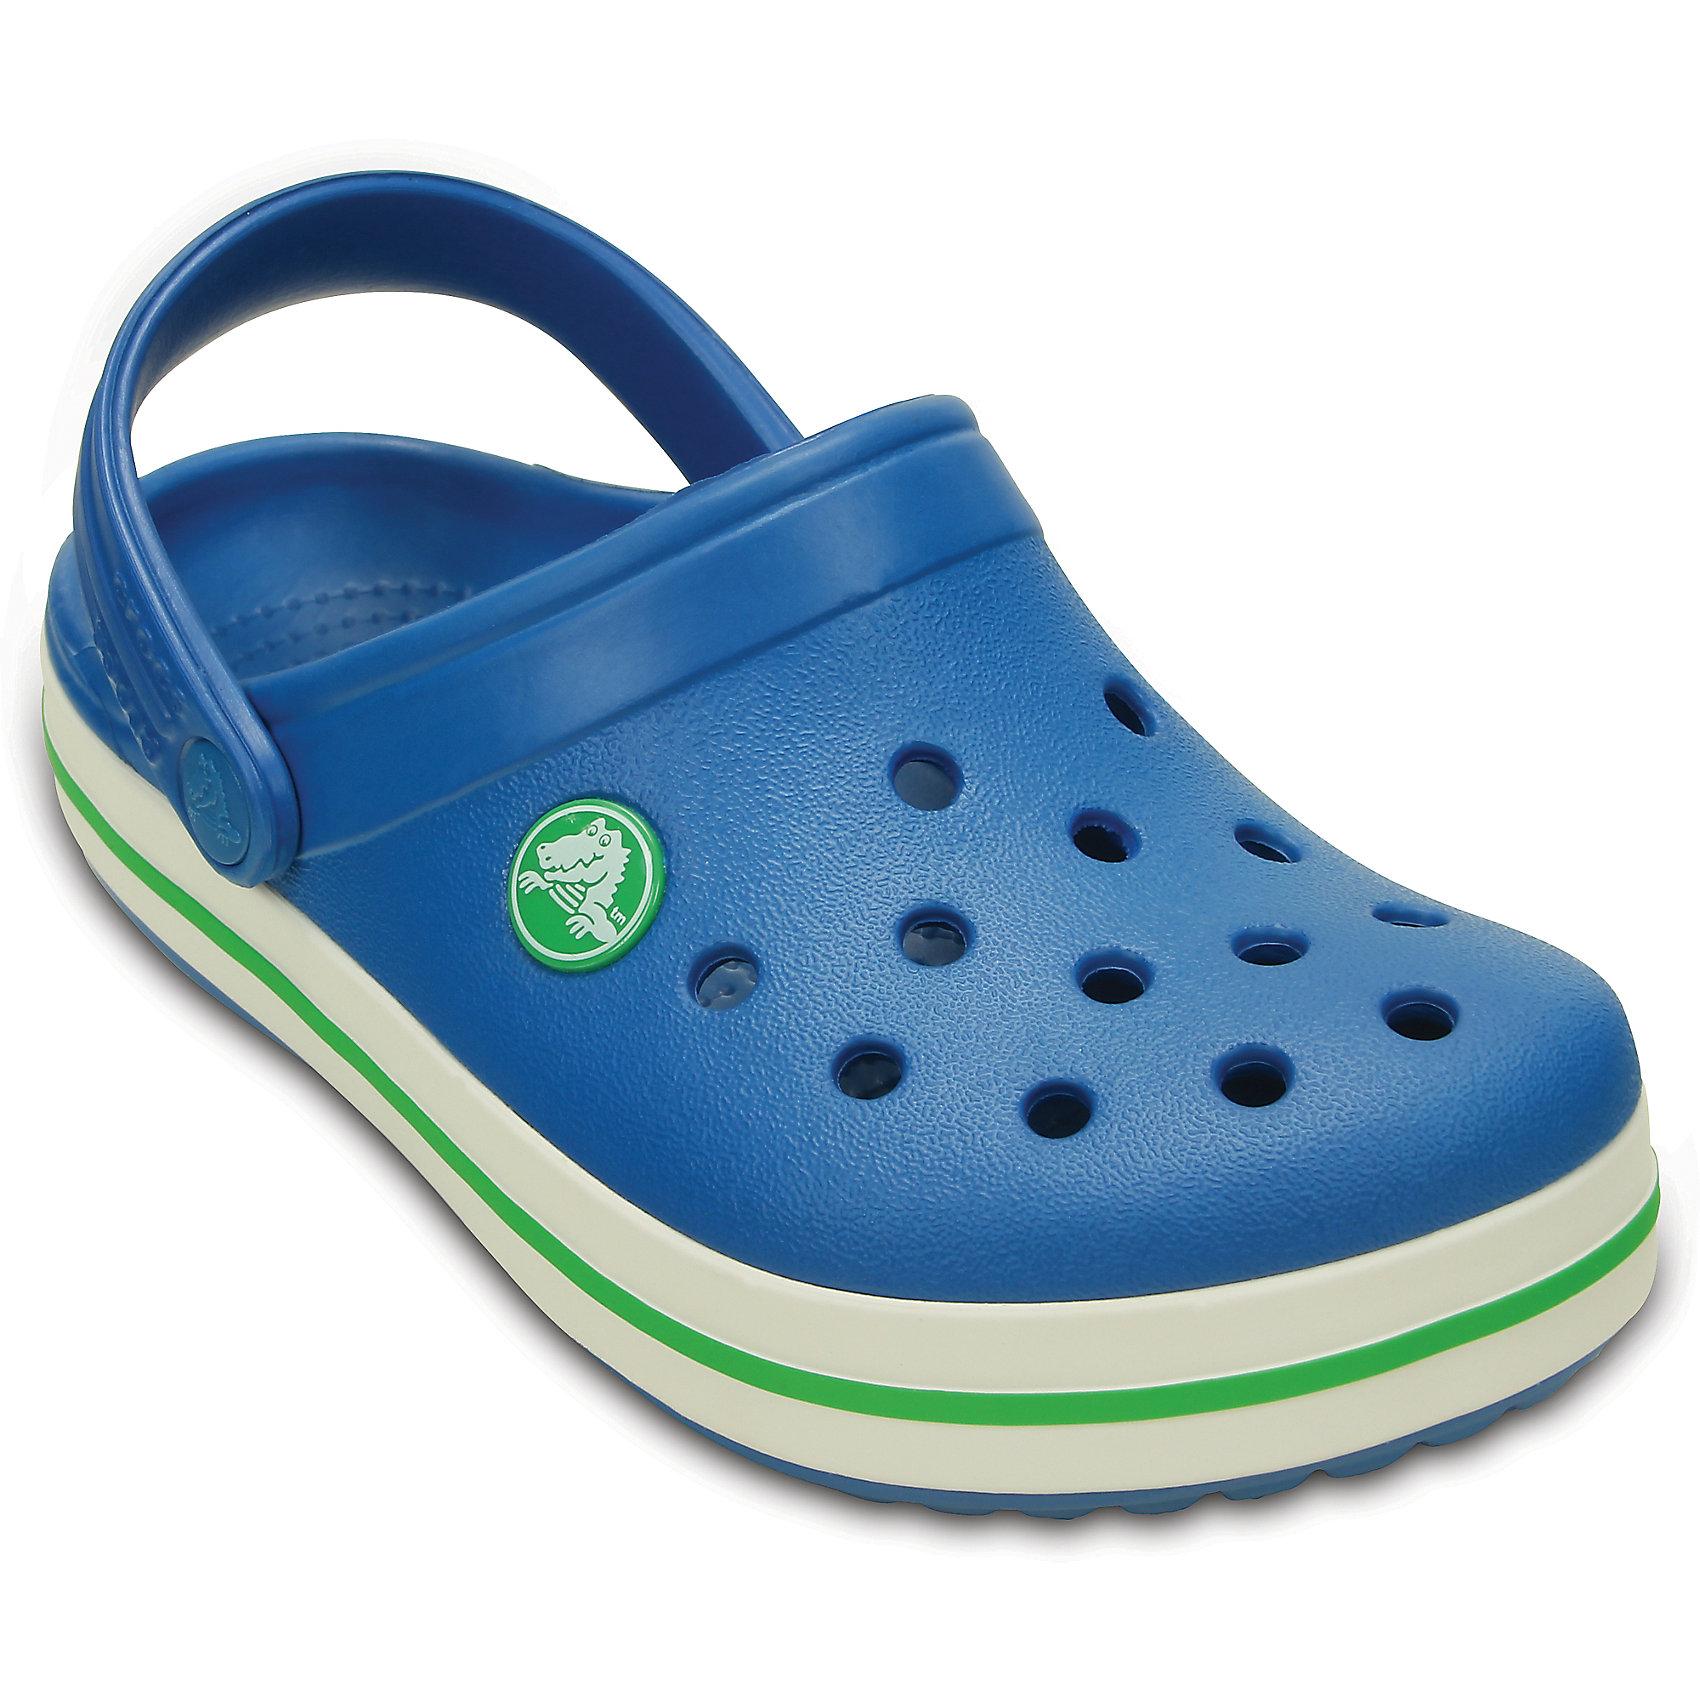 Сабо Kids Crocband™ CrocsПляжная обувь<br>Характеристики товара:<br><br>• цвет: синий<br>• материал: 100% полимер Croslite™<br>• литая модель<br>• вентиляционные отверстия<br>• бактериостатичный материал<br>• пяточный ремешок фиксирует стопу<br>• толстая устойчивая подошва<br>• отверстия для использования украшений<br>• анатомическая стелька с массажными точками стимулирует кровообращение<br>• страна бренда: США<br>• страна изготовитель: Китай<br><br>Для правильного развития ребенка крайне важно, чтобы обувь была удобной. Такие сабо обеспечивают детям необходимый комфорт, а анатомическая стелька с массажными линиями для стимуляции кровообращения позволяет ножкам дольше не уставать. Сабо легко надеваются и снимаются, отлично сидят на ноге. Материал, из которого они сделаны, не дает размножаться бактериям, поэтому такая обувь препятствует образованию неприятного запаха и появлению болезней стоп. <br>Обувь от американского бренда Crocs в данный момент завоевала широкую популярность во всем мире, и это не удивительно - ведь она невероятно удобна. Её носят врачи, спортсмены, звёзды шоу-бизнеса, люди, которым много времени приходится бывать на ногах - они понимают, как важна комфортная обувь. Продукция Crocs - это качественные товары, созданные с применением новейших технологий. Обувь отличается стильным дизайном и продуманной конструкцией. Изделие производится из качественных и проверенных материалов, которые безопасны для детей.<br><br>Сабо от торговой марки Crocs можно купить в нашем интернет-магазине.<br><br>Ширина мм: 225<br>Глубина мм: 139<br>Высота мм: 112<br>Вес г: 290<br>Цвет: разноцветный<br>Возраст от месяцев: 24<br>Возраст до месяцев: 24<br>Пол: Унисекс<br>Возраст: Детский<br>Размер: 25/26,21/22,31/32,34/35,23/24,27/28,29/30,33/34<br>SKU: 4828085